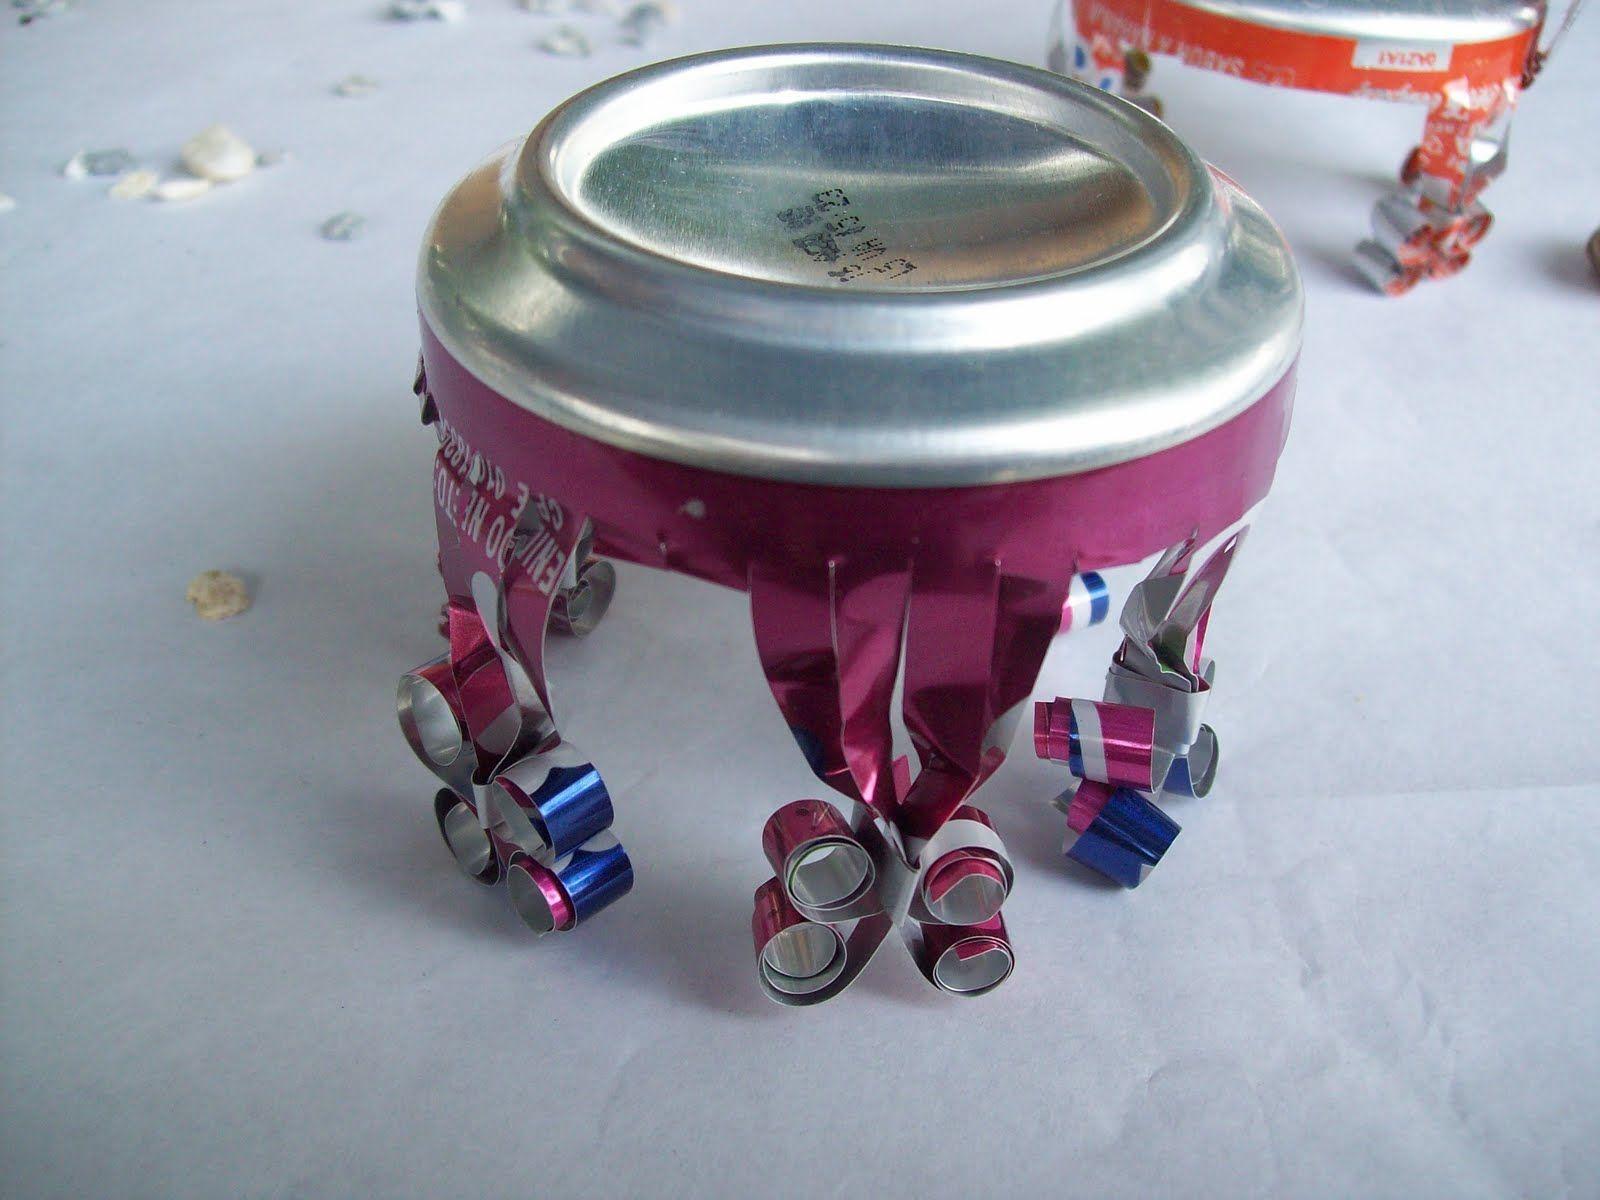 Manualidades con latas de refresco buscar con google - Manualidades faciles con latas ...